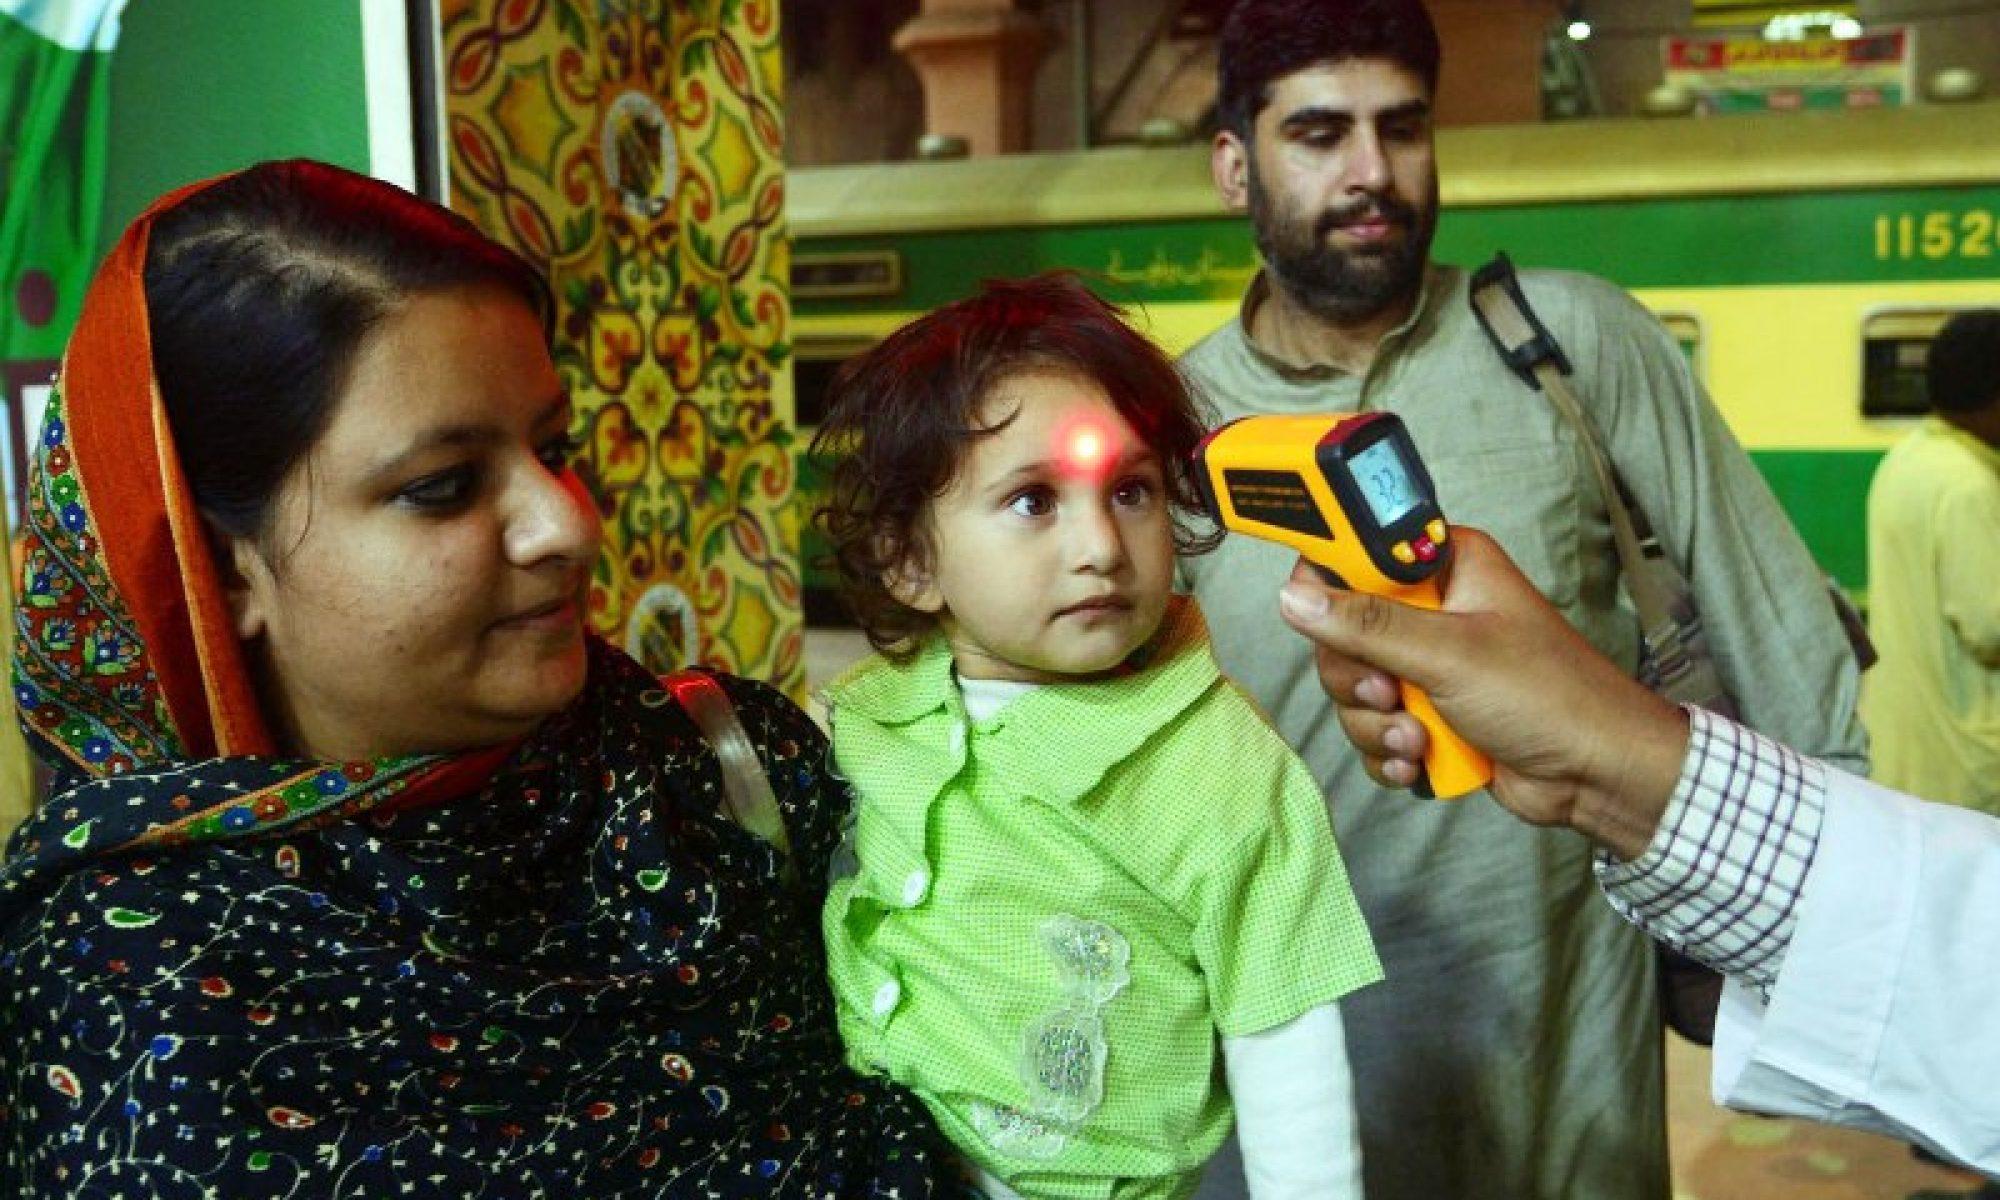 6 yaşındaki çocuk, Coronavirüs kurbanı